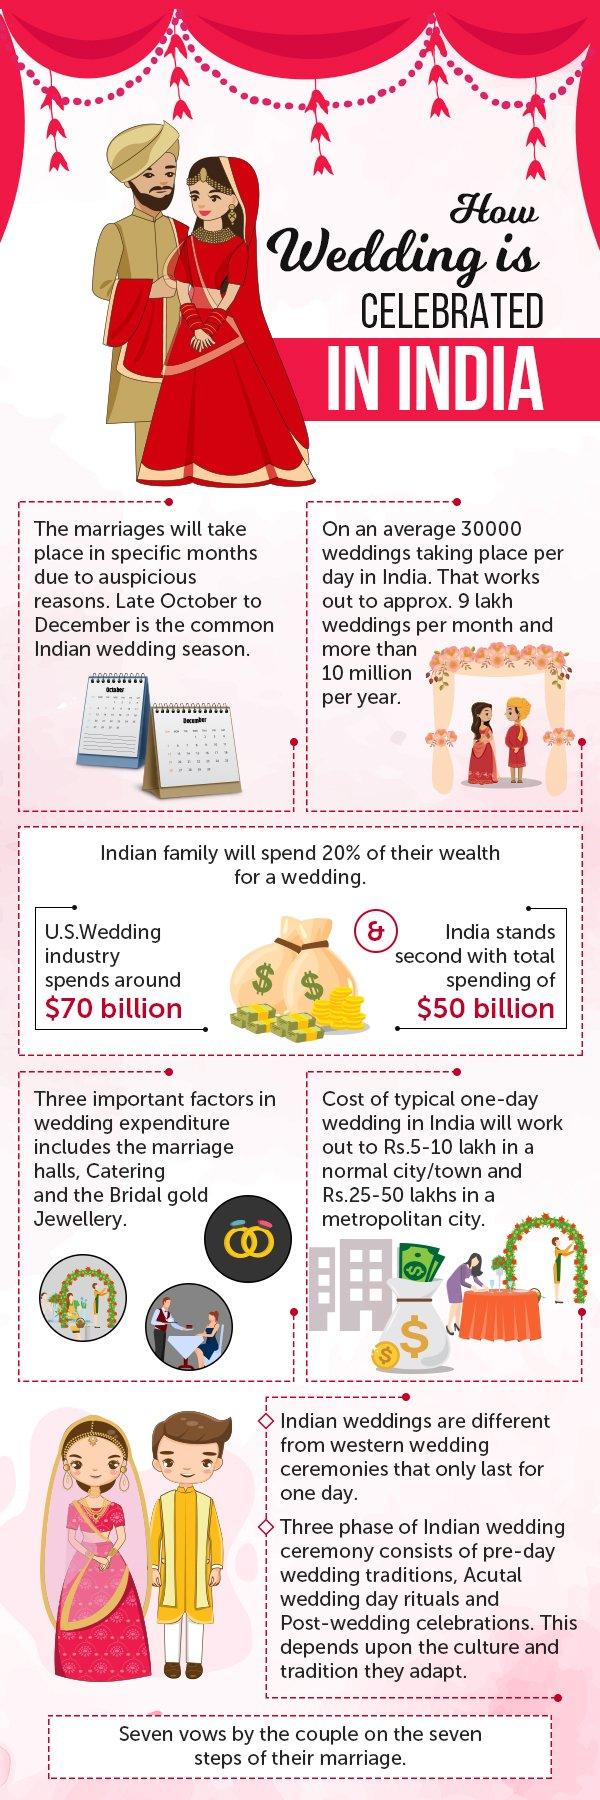 Grandiose Weddings In India